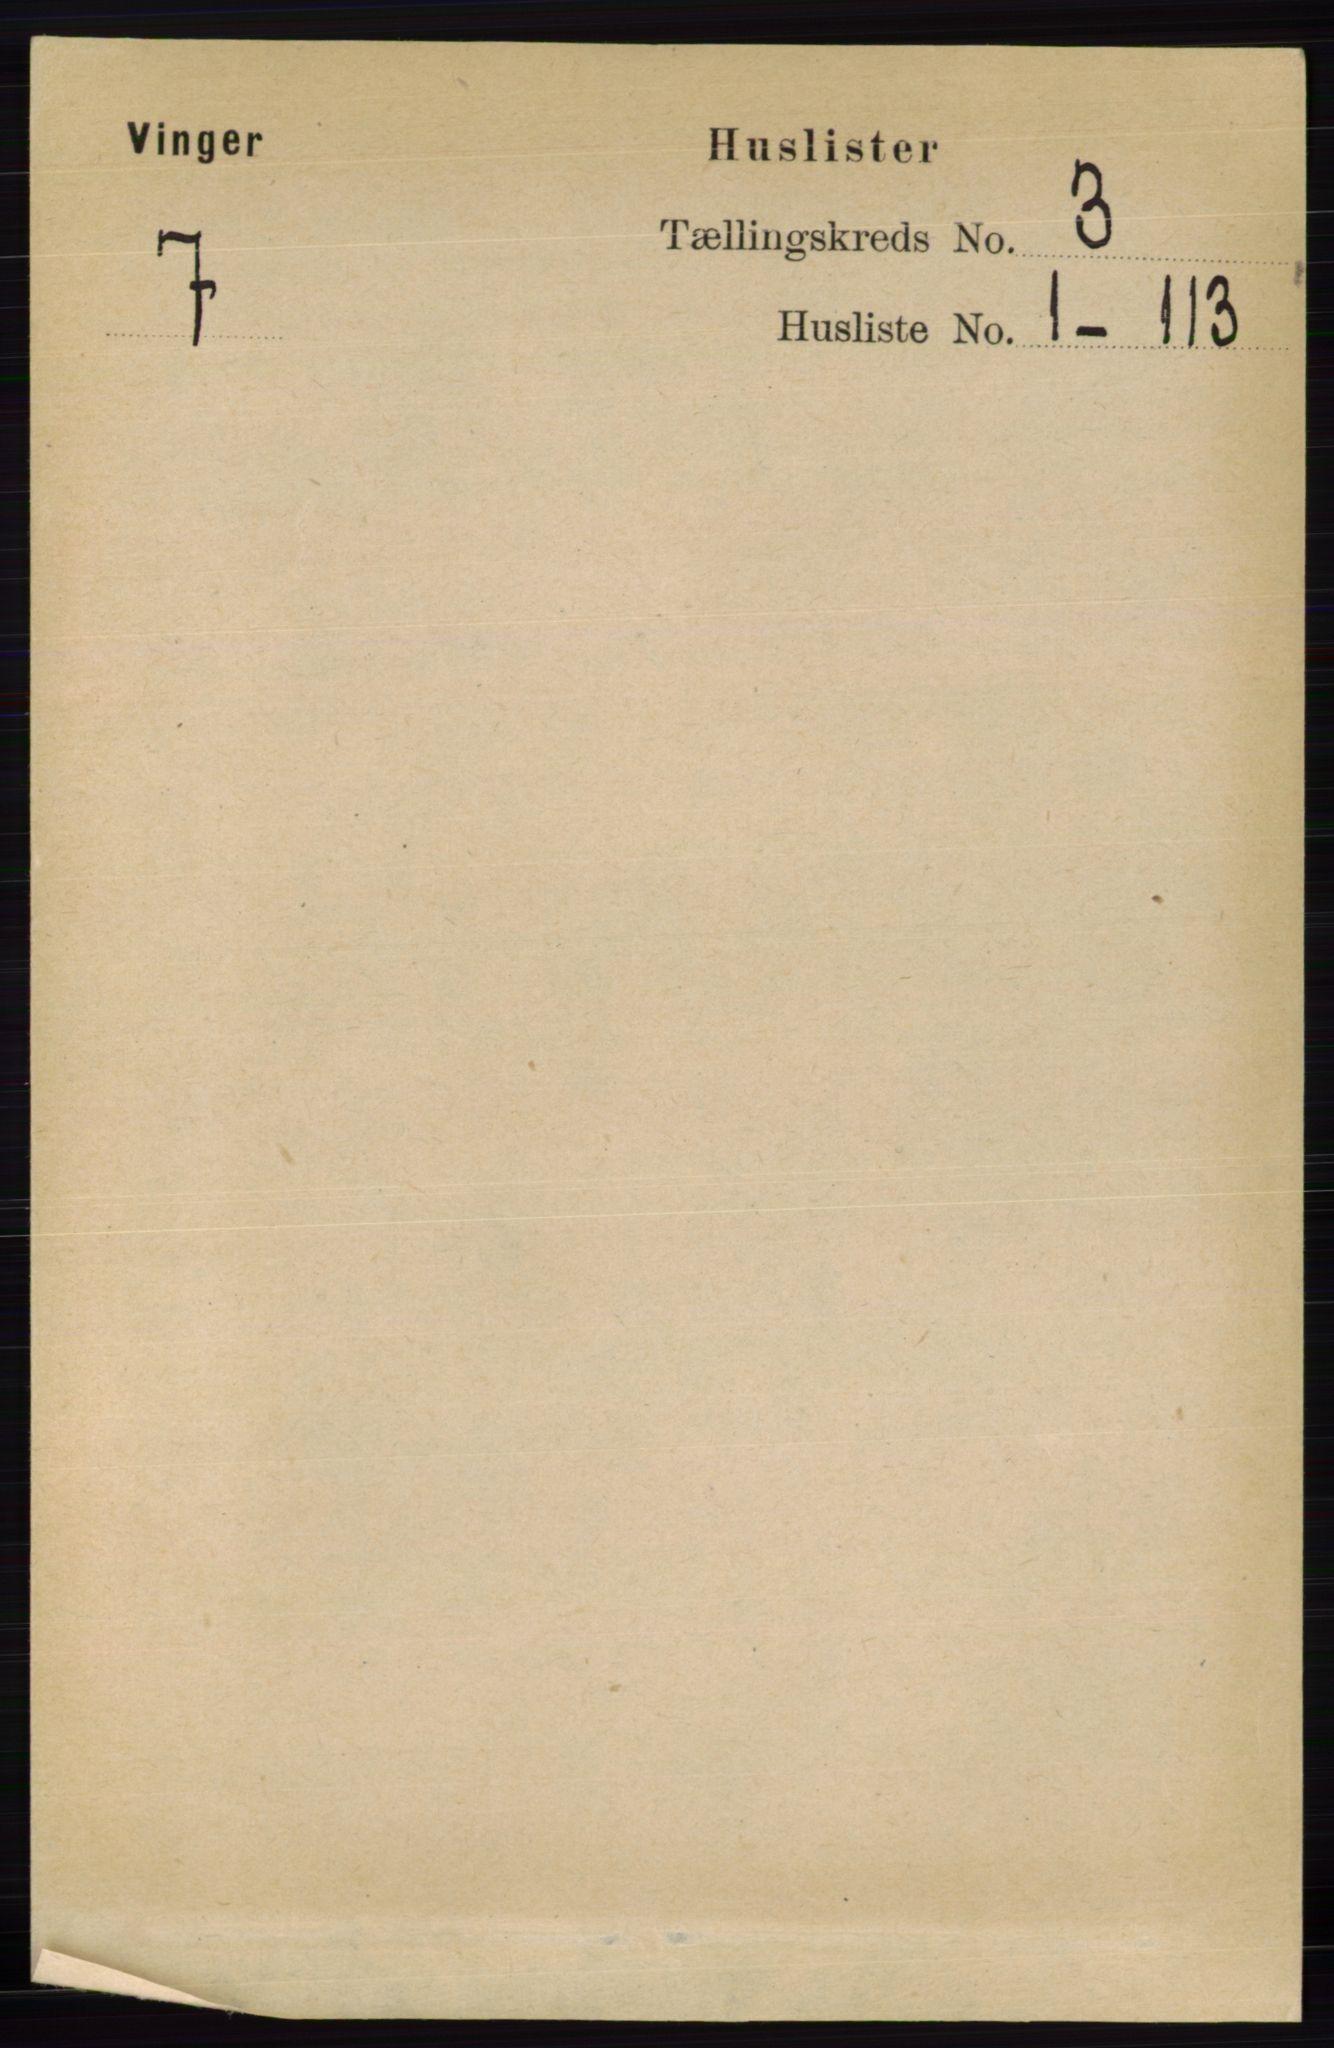 RA, Folketelling 1891 for 0421 Vinger herred, 1891, s. 778